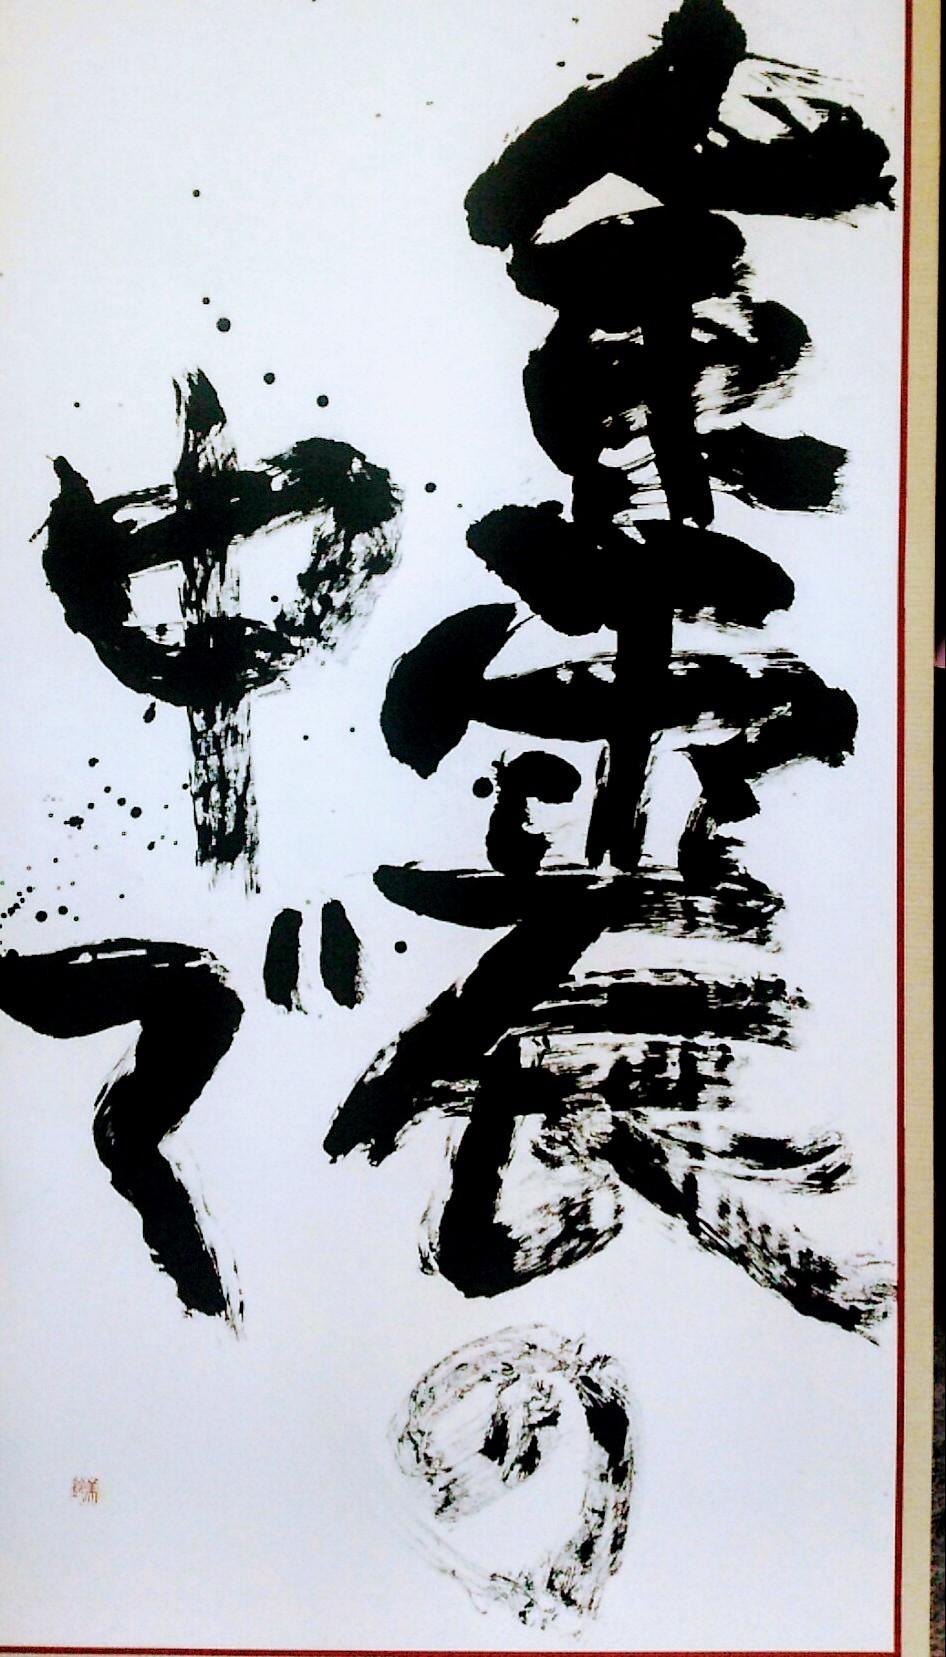 神戸から、神戸愛・「震災の記憶」と平松愛理復興支援ライブ_a0098174_19490953.jpg